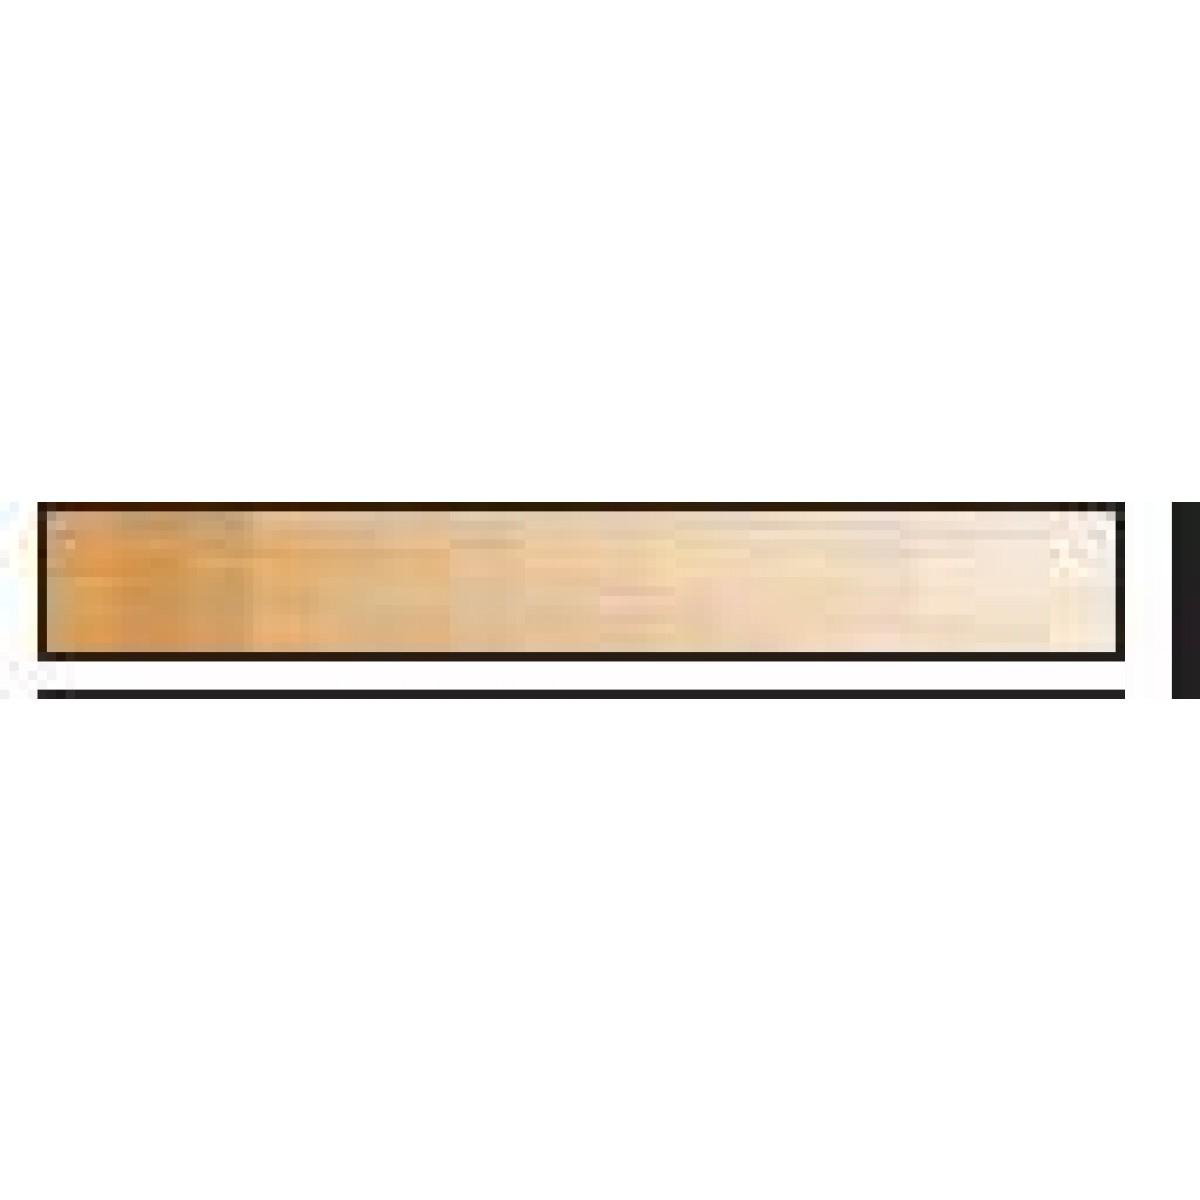 8550 Kunstnerkvalitet soft pastel Ochre